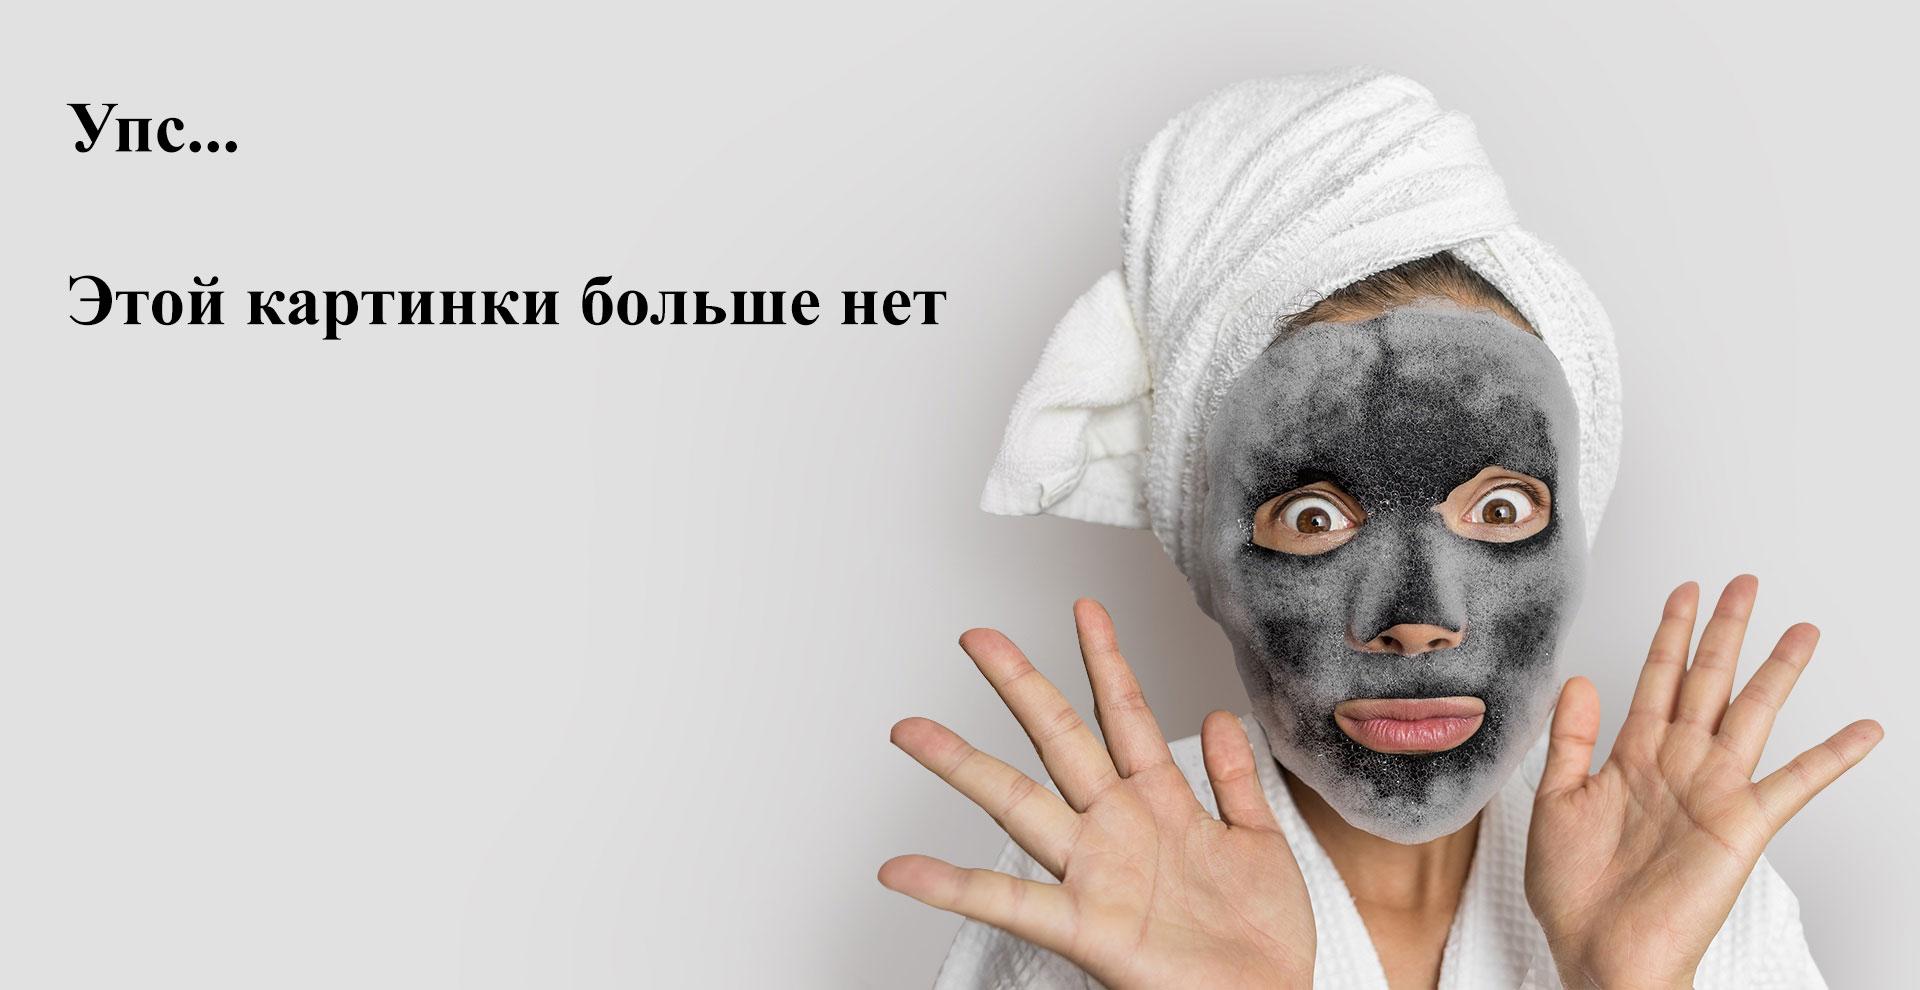 Domix, Воскоплав, 500 мл